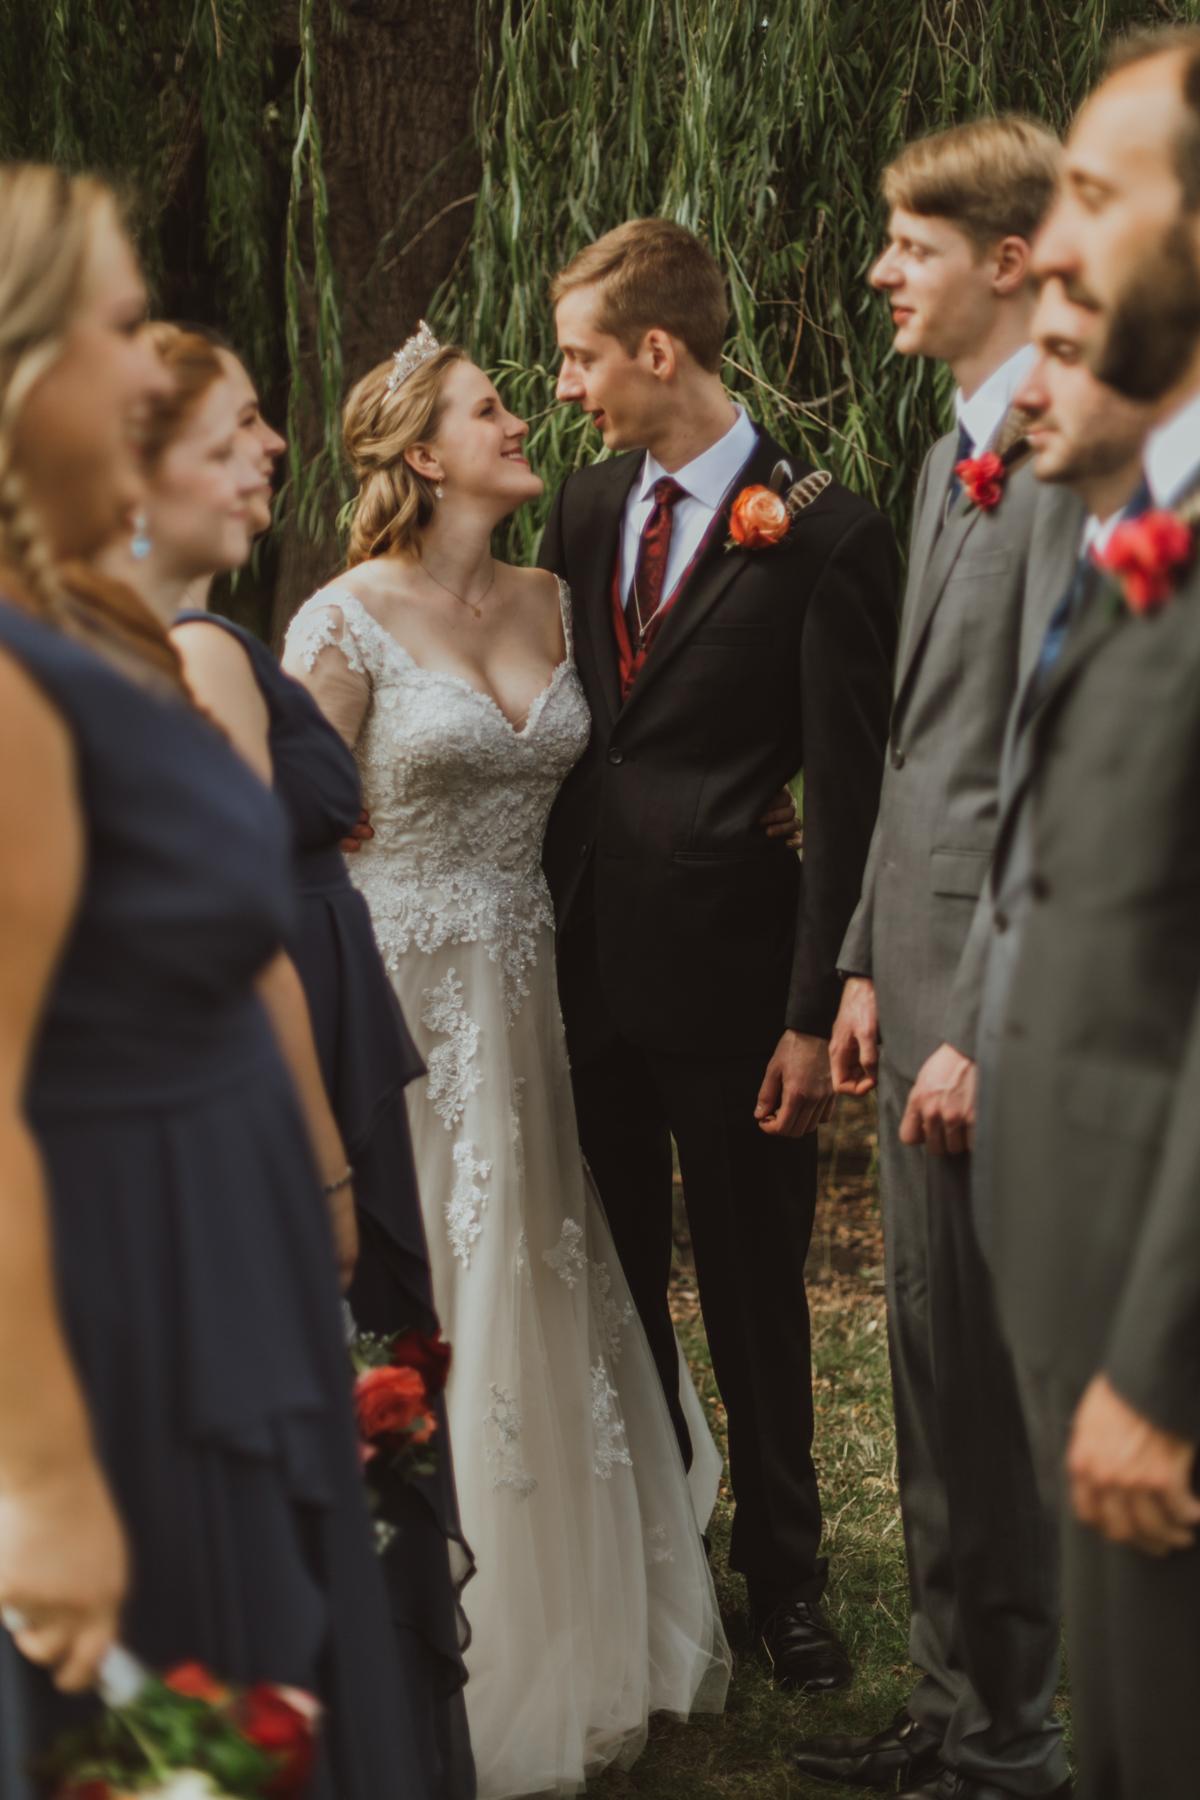 WB 09.08.18   Robinson Wedding 0074.JPG